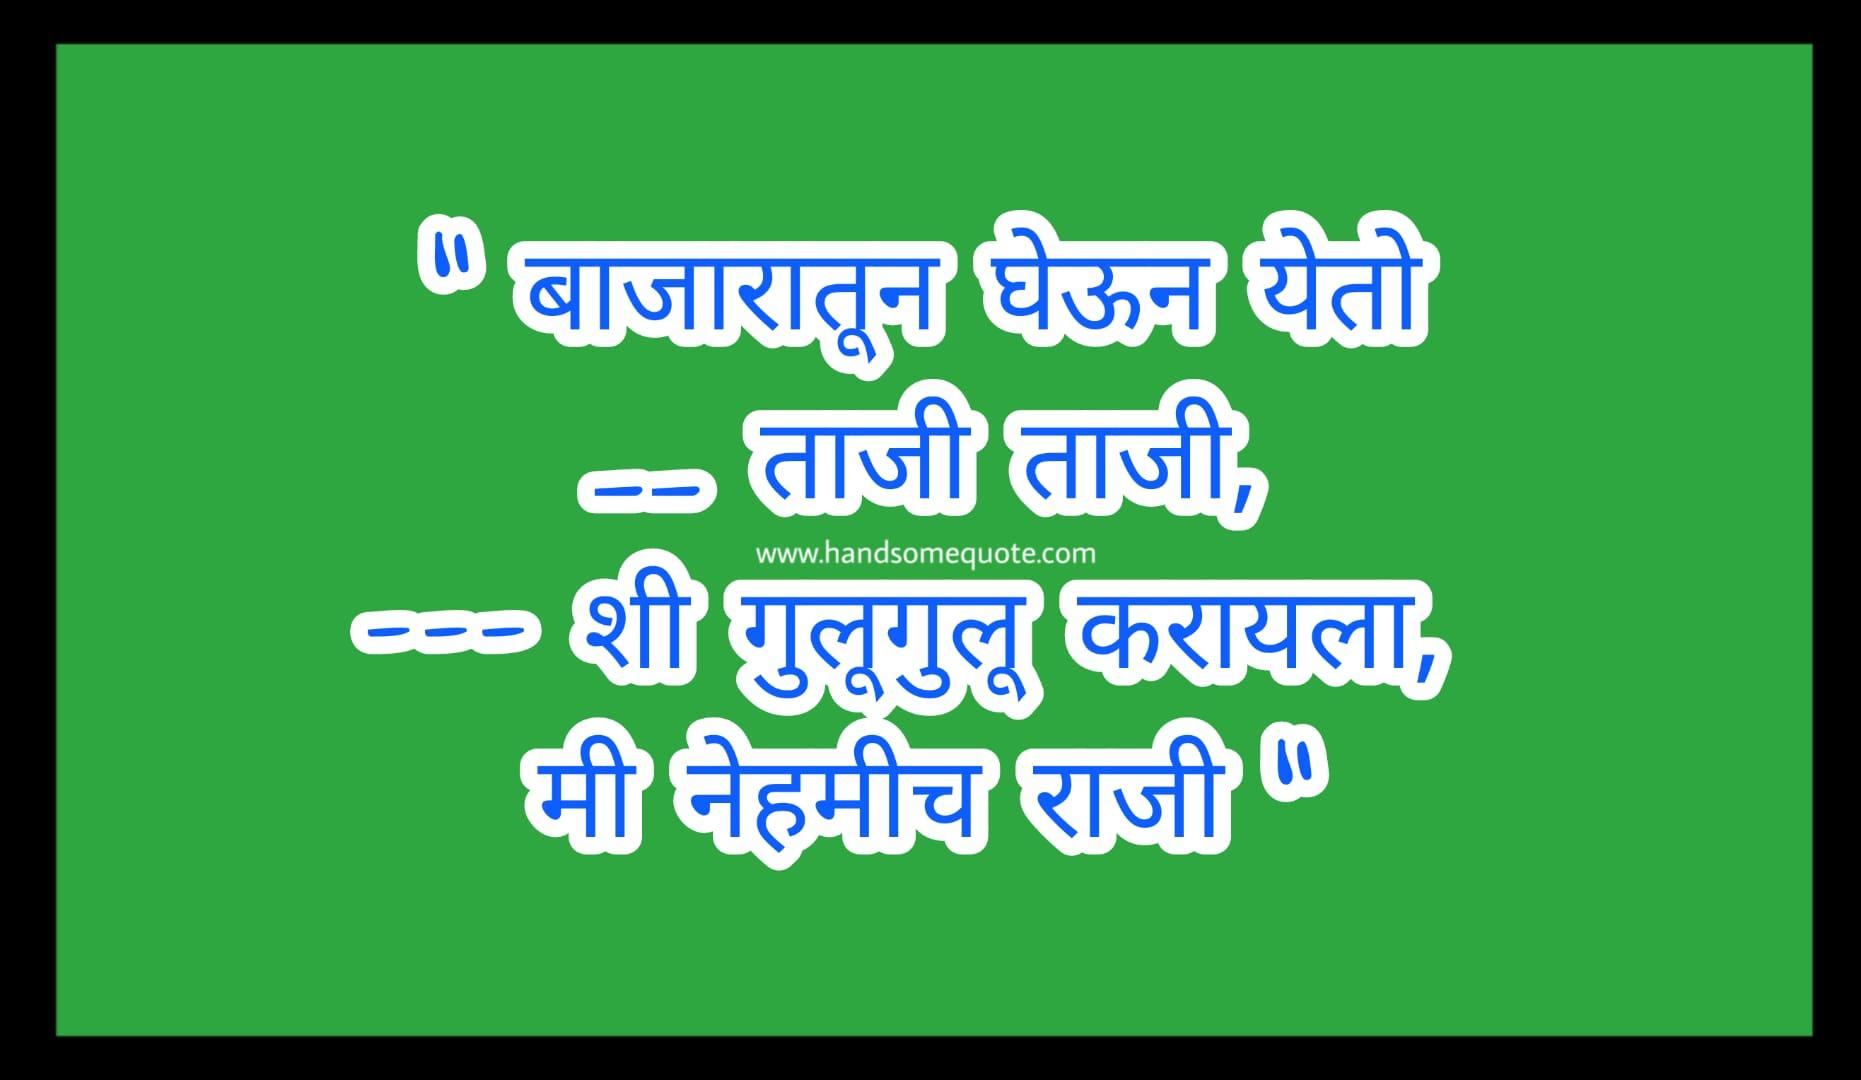 Gujarati ukhane dating best 2019 ☝️ Anya is